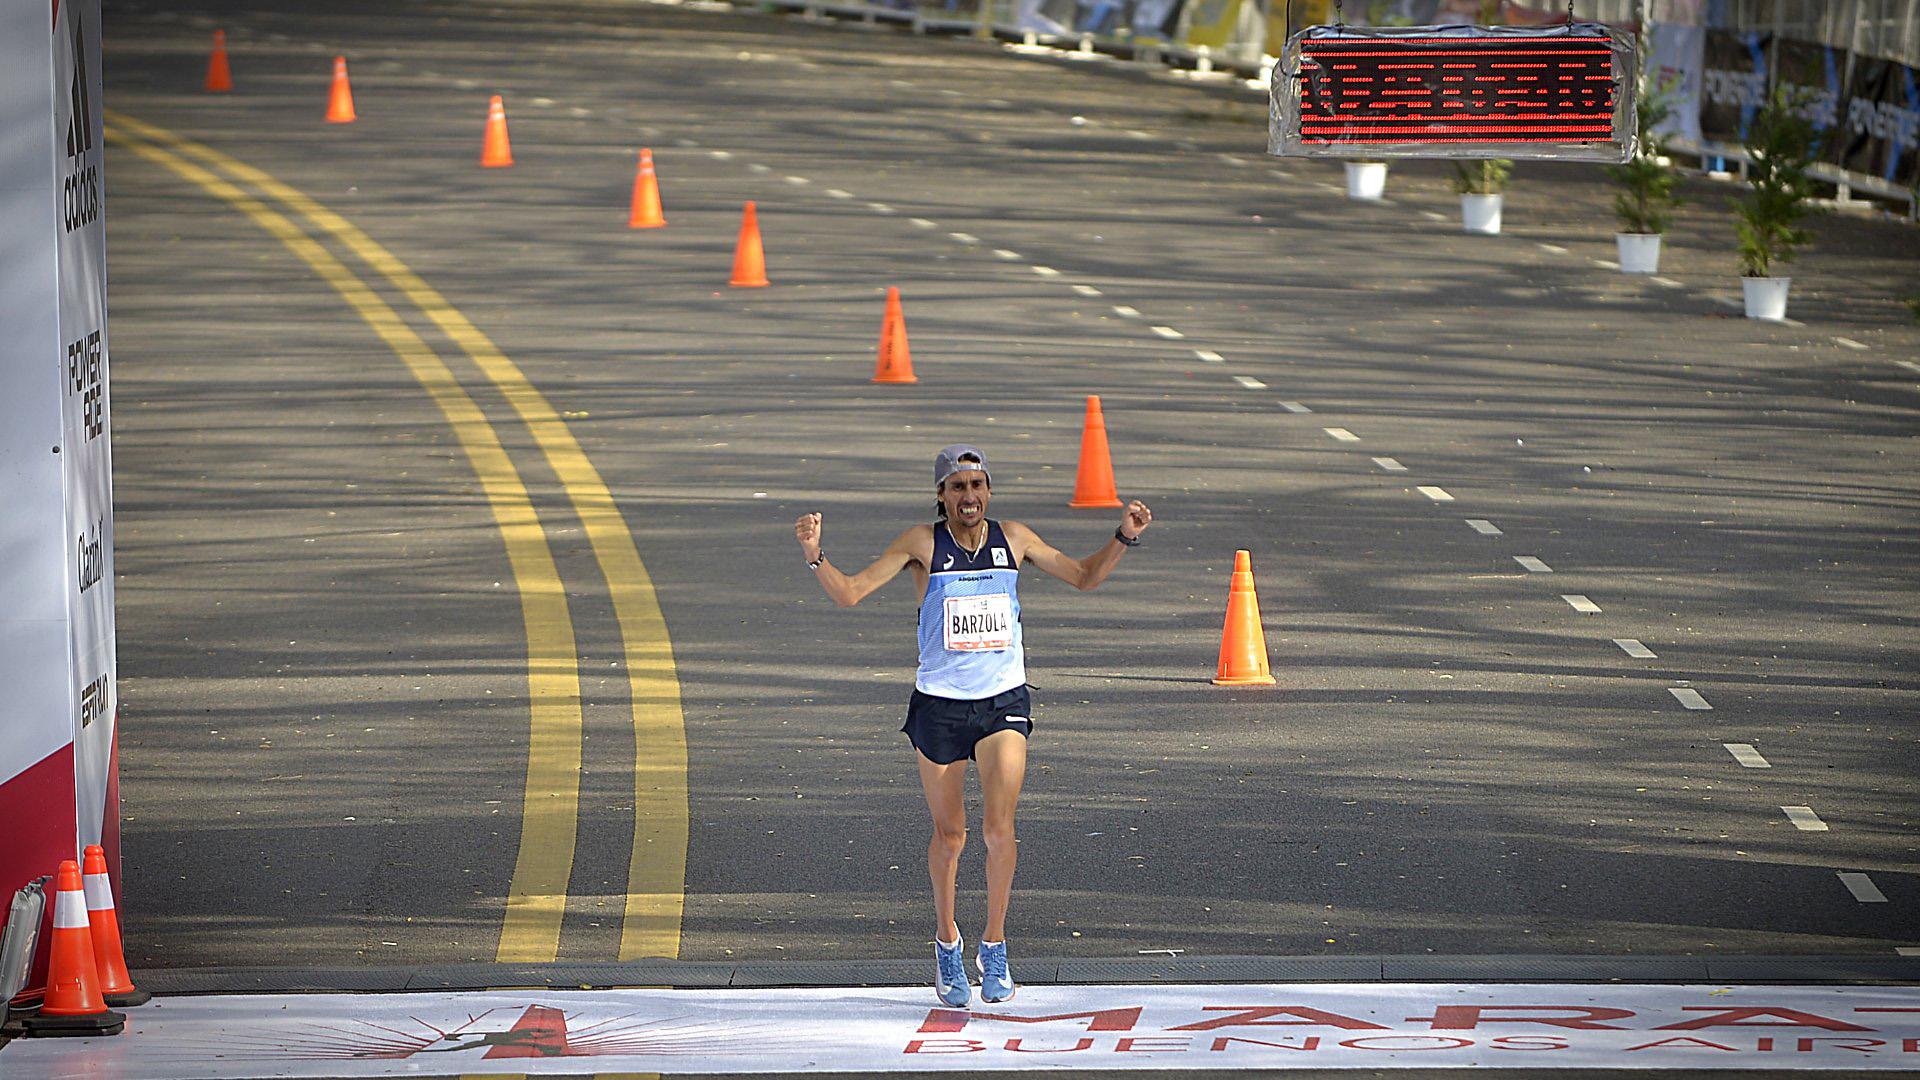 Por el lado de los argentinos, los que cruzaron la meta en primer lugar Miguel Ángel Bárzola (2h16m47) y Mariela Mabel Ortiz (2h42m10)